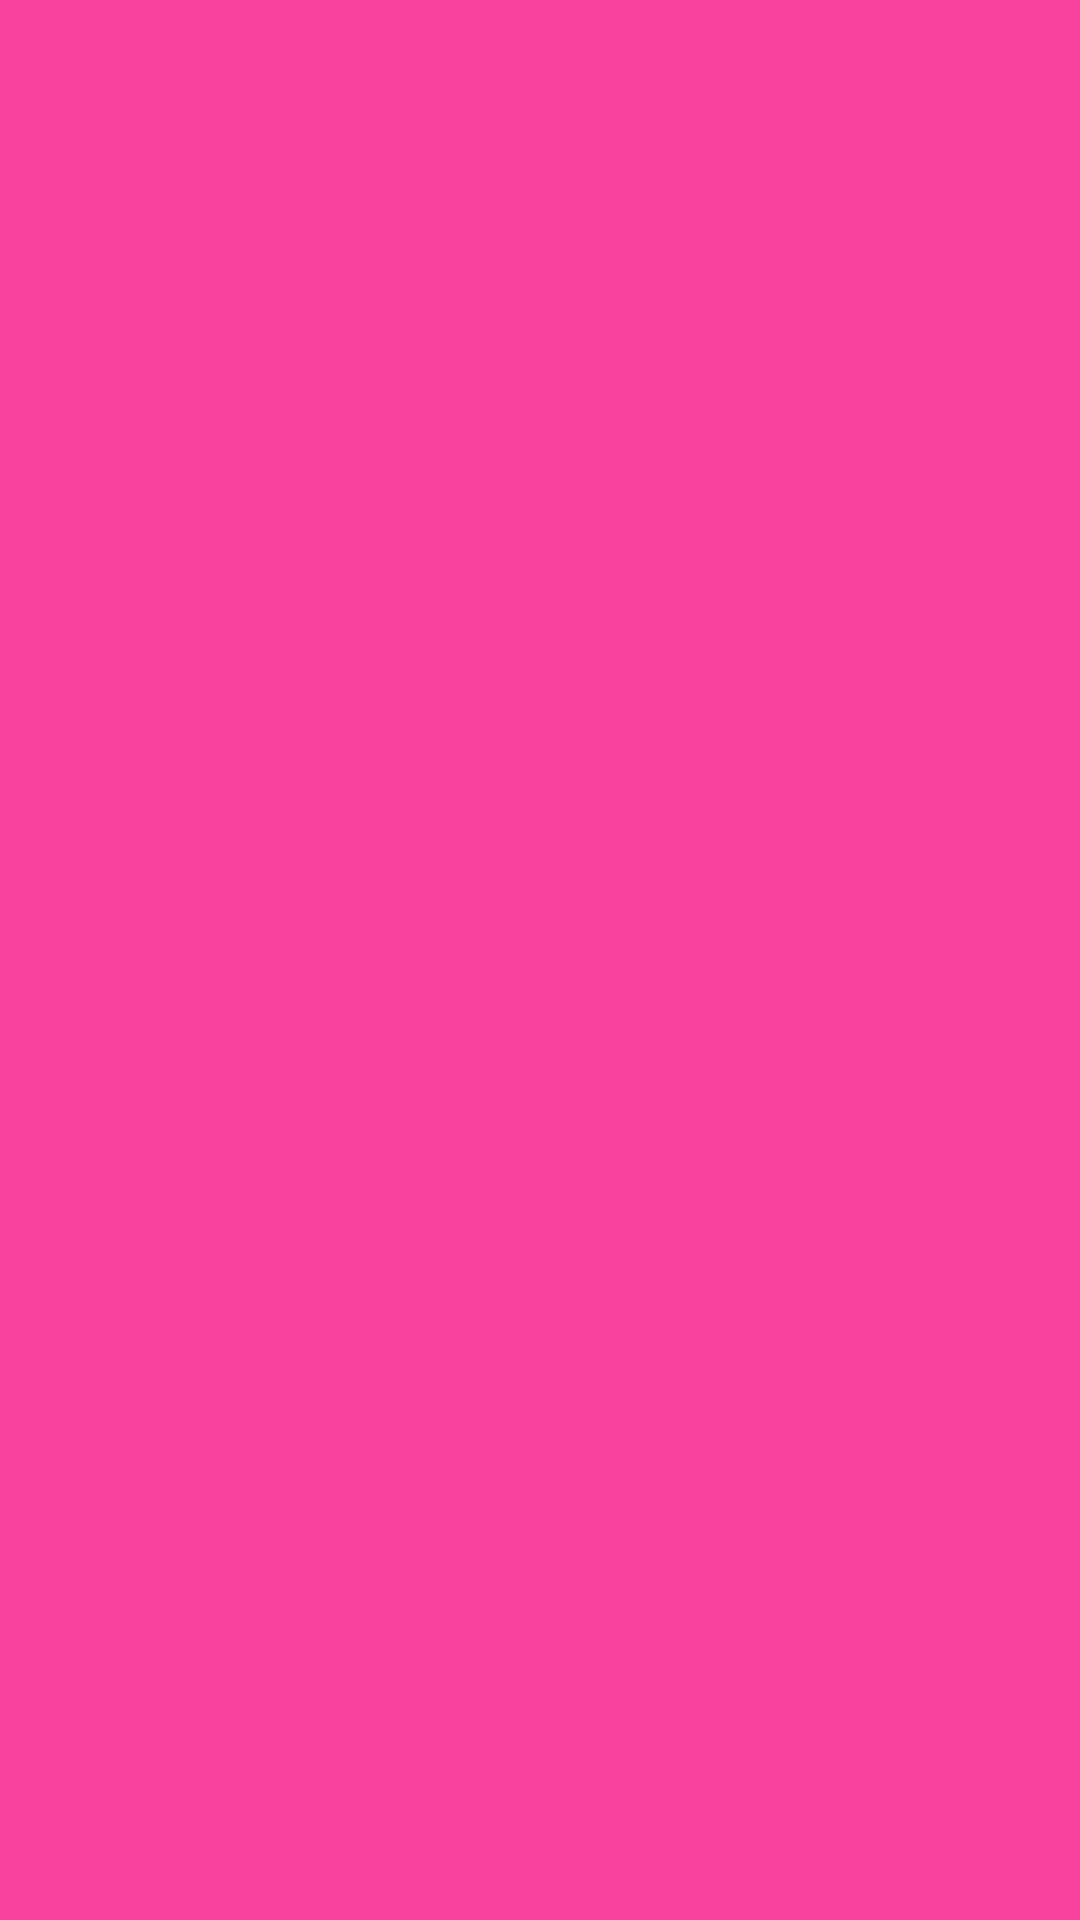 1080x1920 Rose Bonbon Solid Color Background